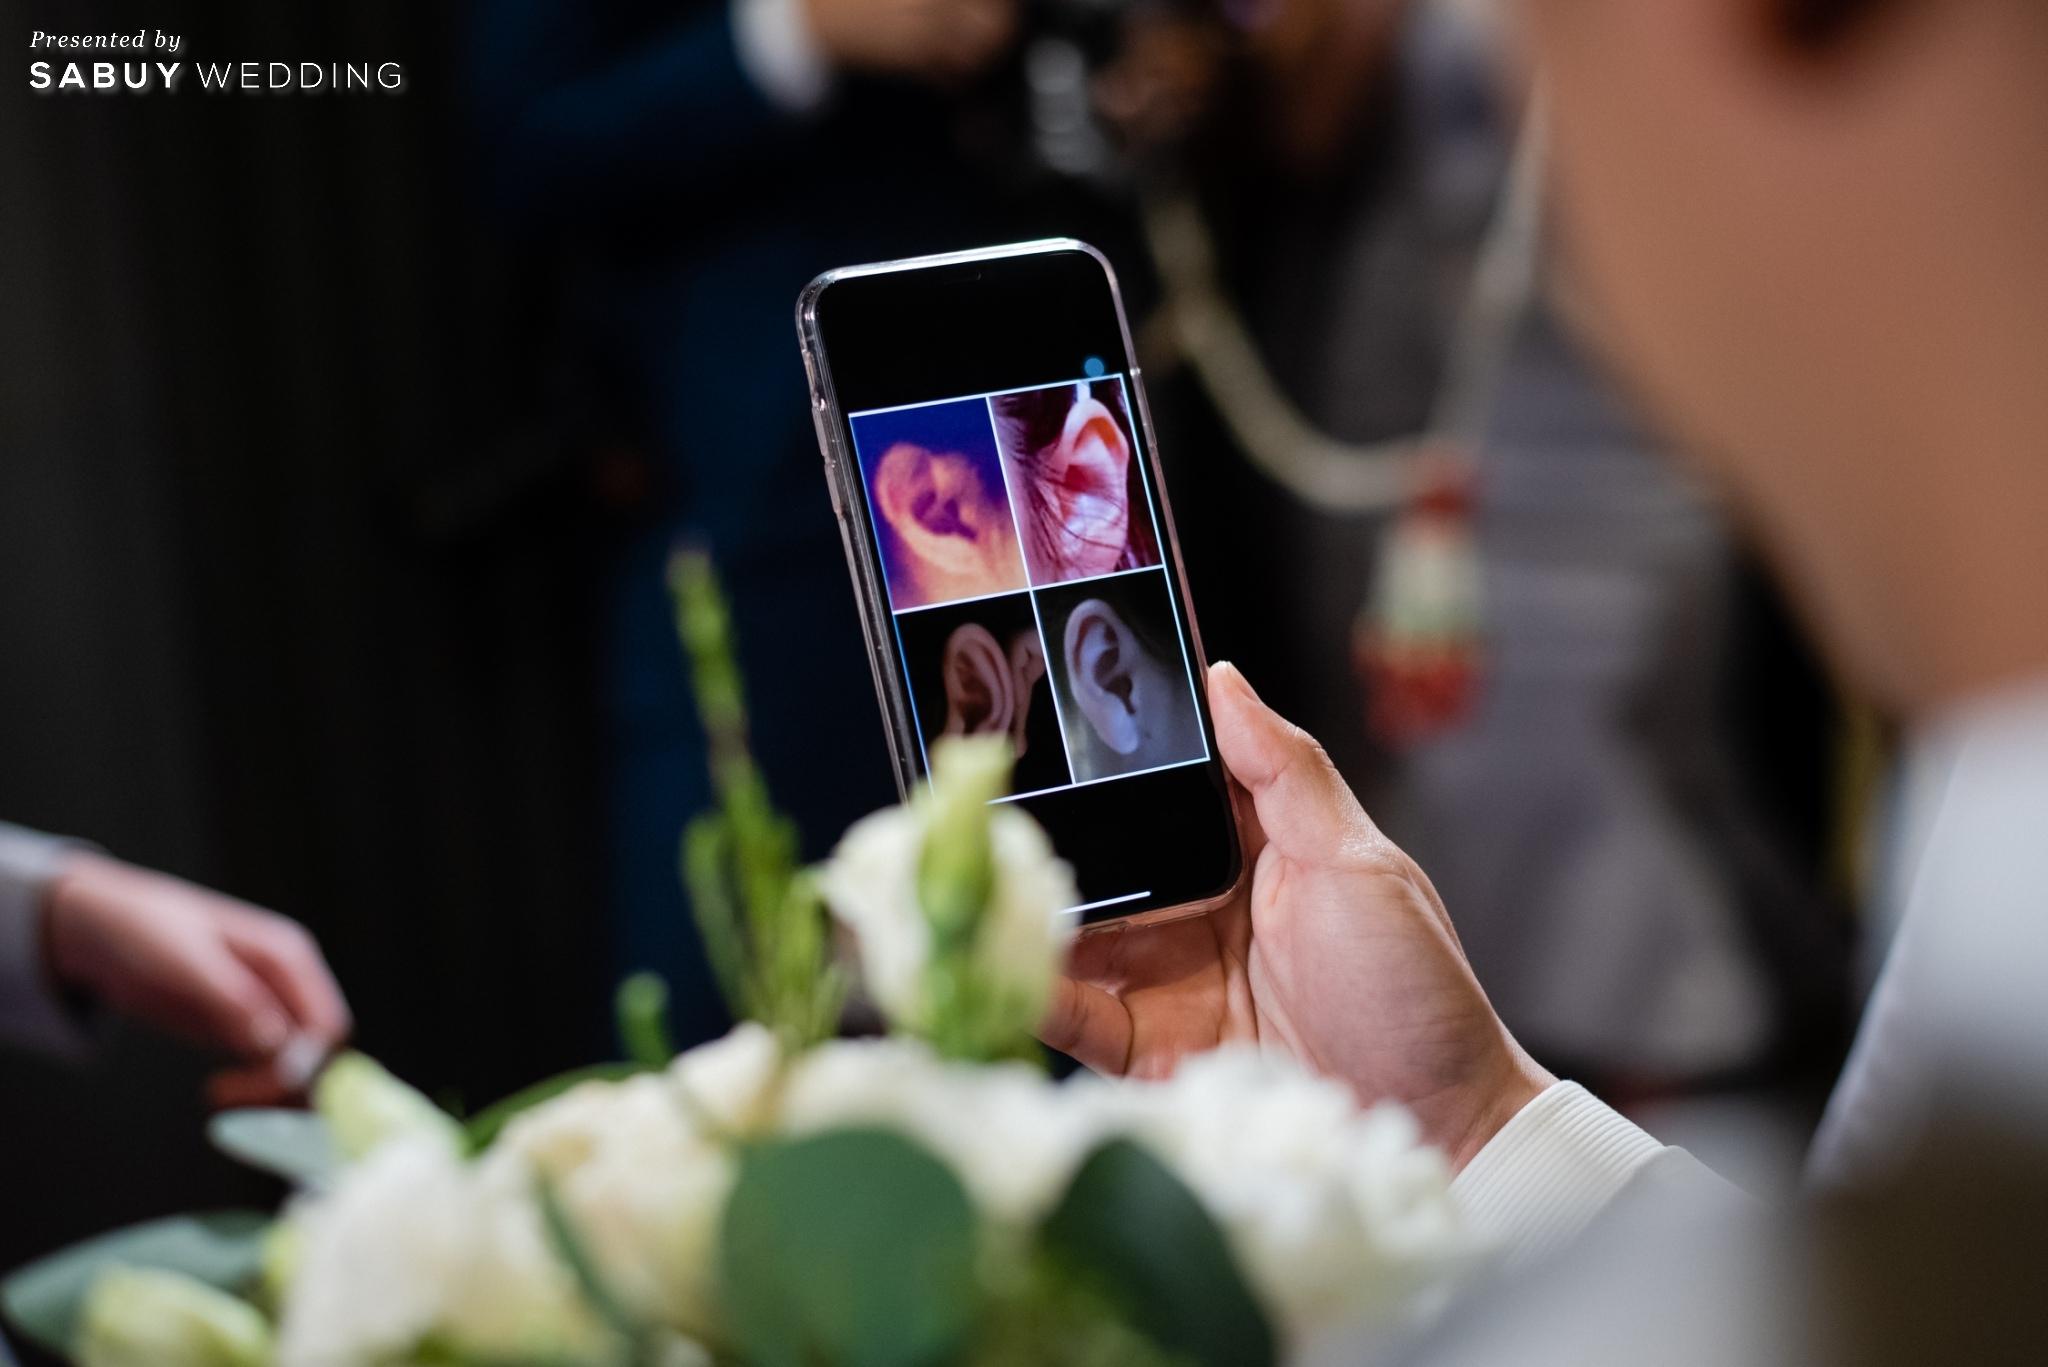 งานแต่งงาน รีวิวงานแต่งฟีล Luxury สวยดูดีด้วยโทนสีเบจ @ SO/ BANGKOK